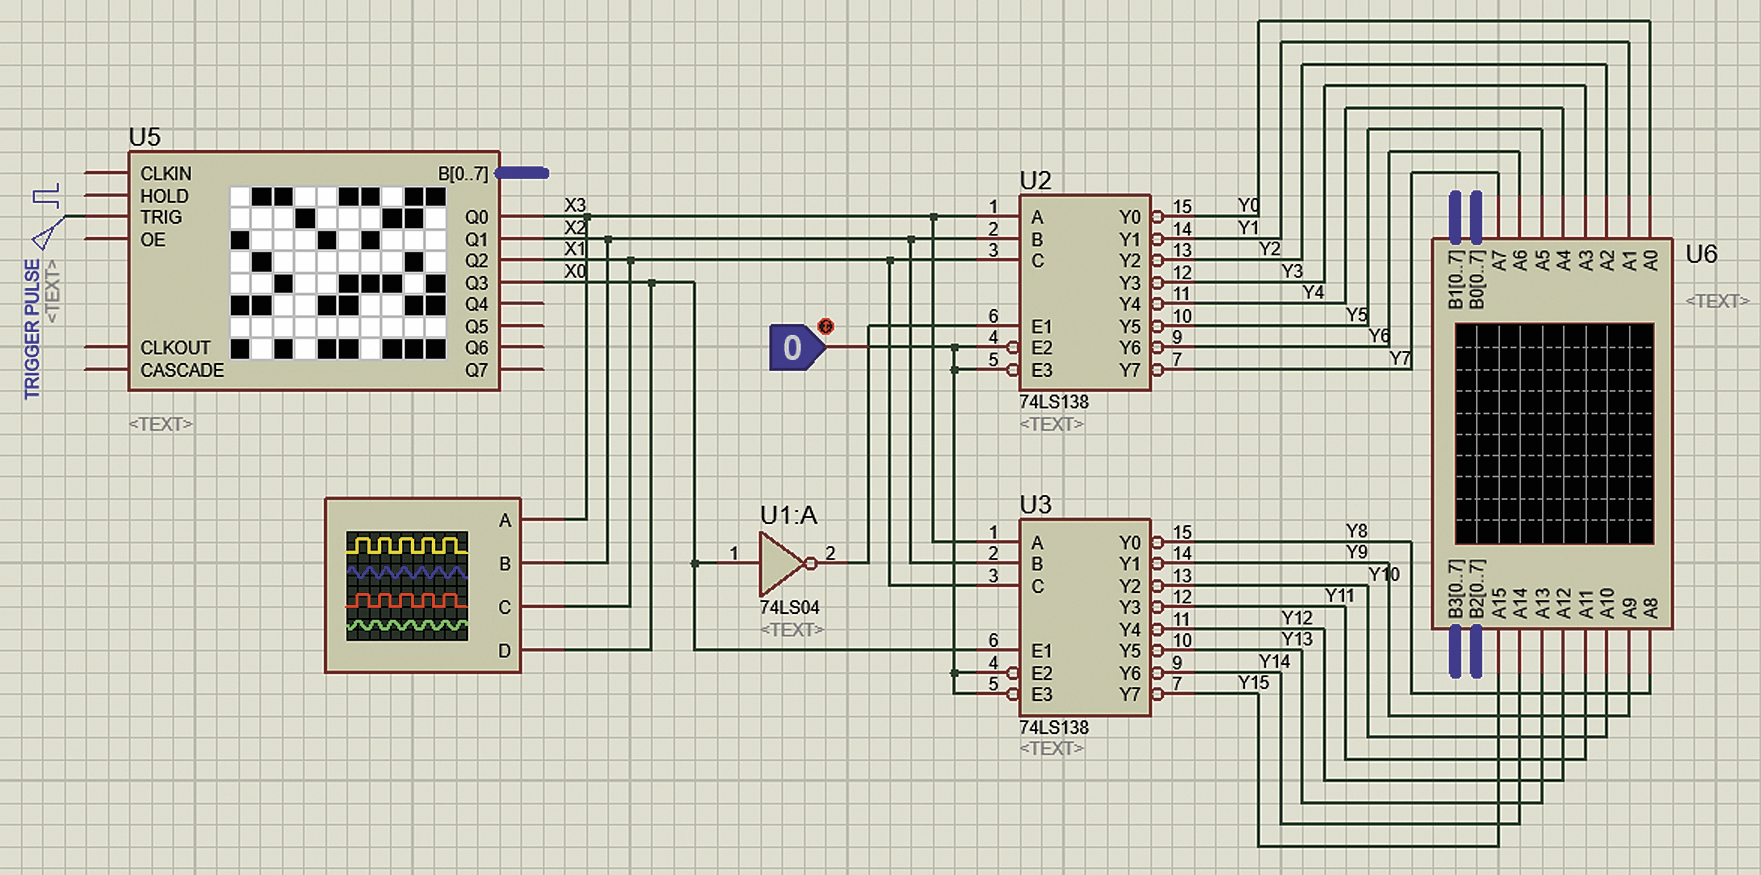 Построение четырехвходового дешифратора на 16 выходов на базе микросхем 74LS138